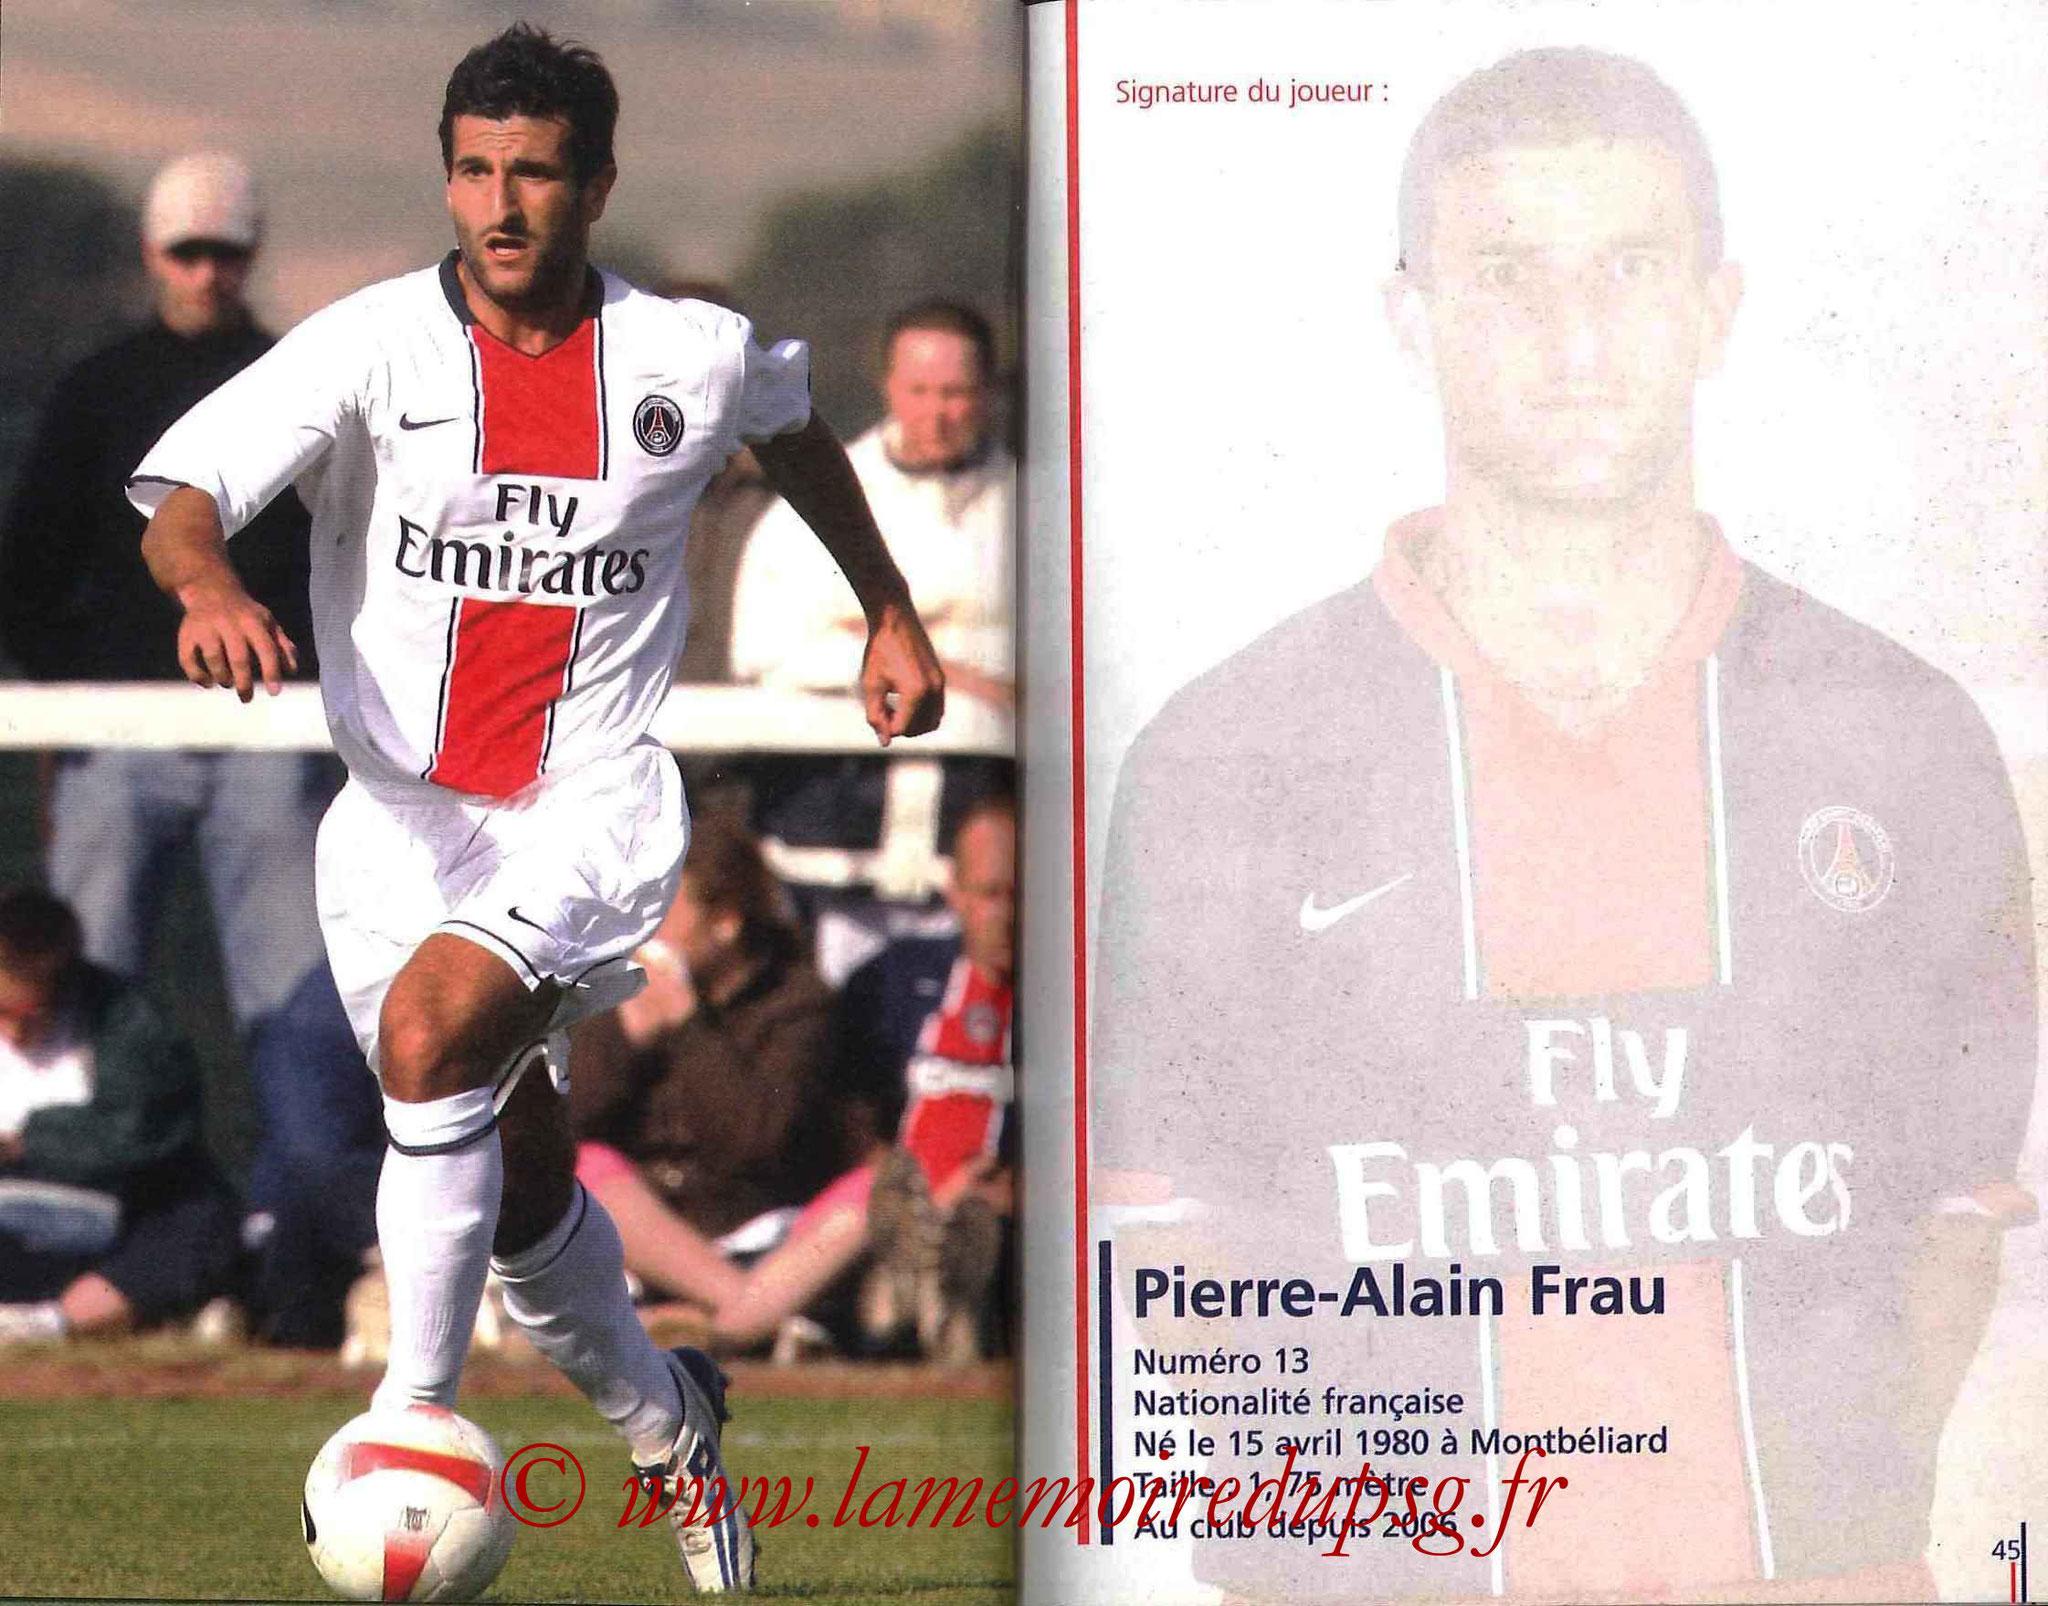 2007-08 - Guide de la Saison PSG - Pages 44 et 45 - Pierre-Alain FRAU